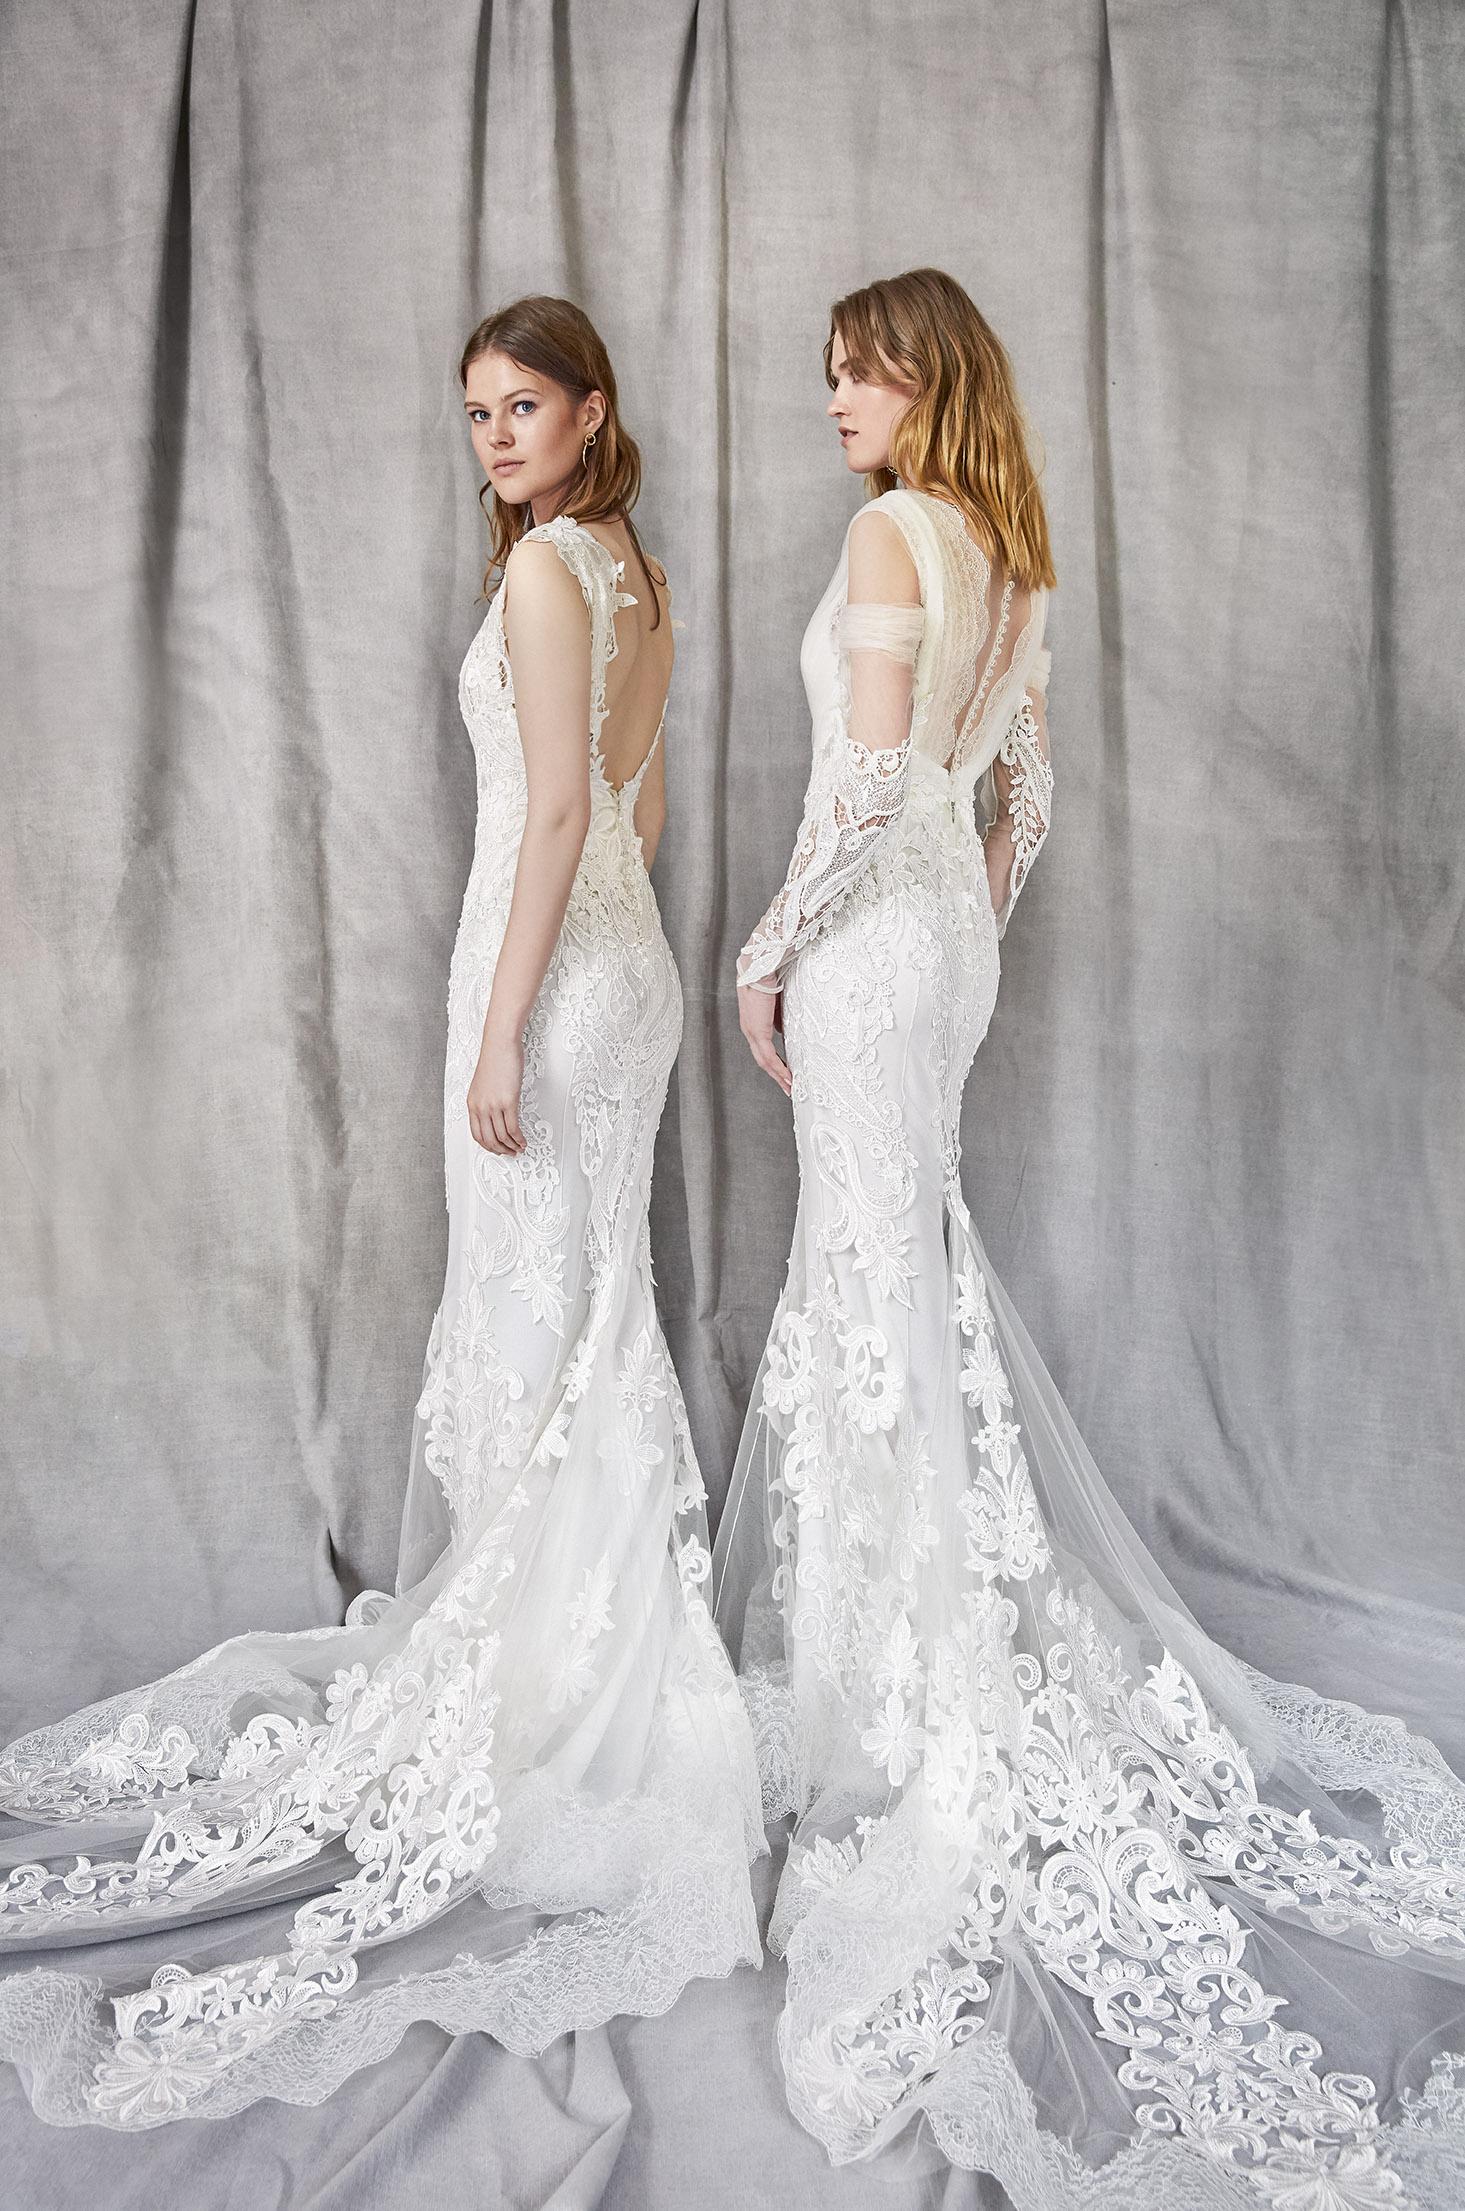 Tiendas de vestidos de novia en dos hermanas